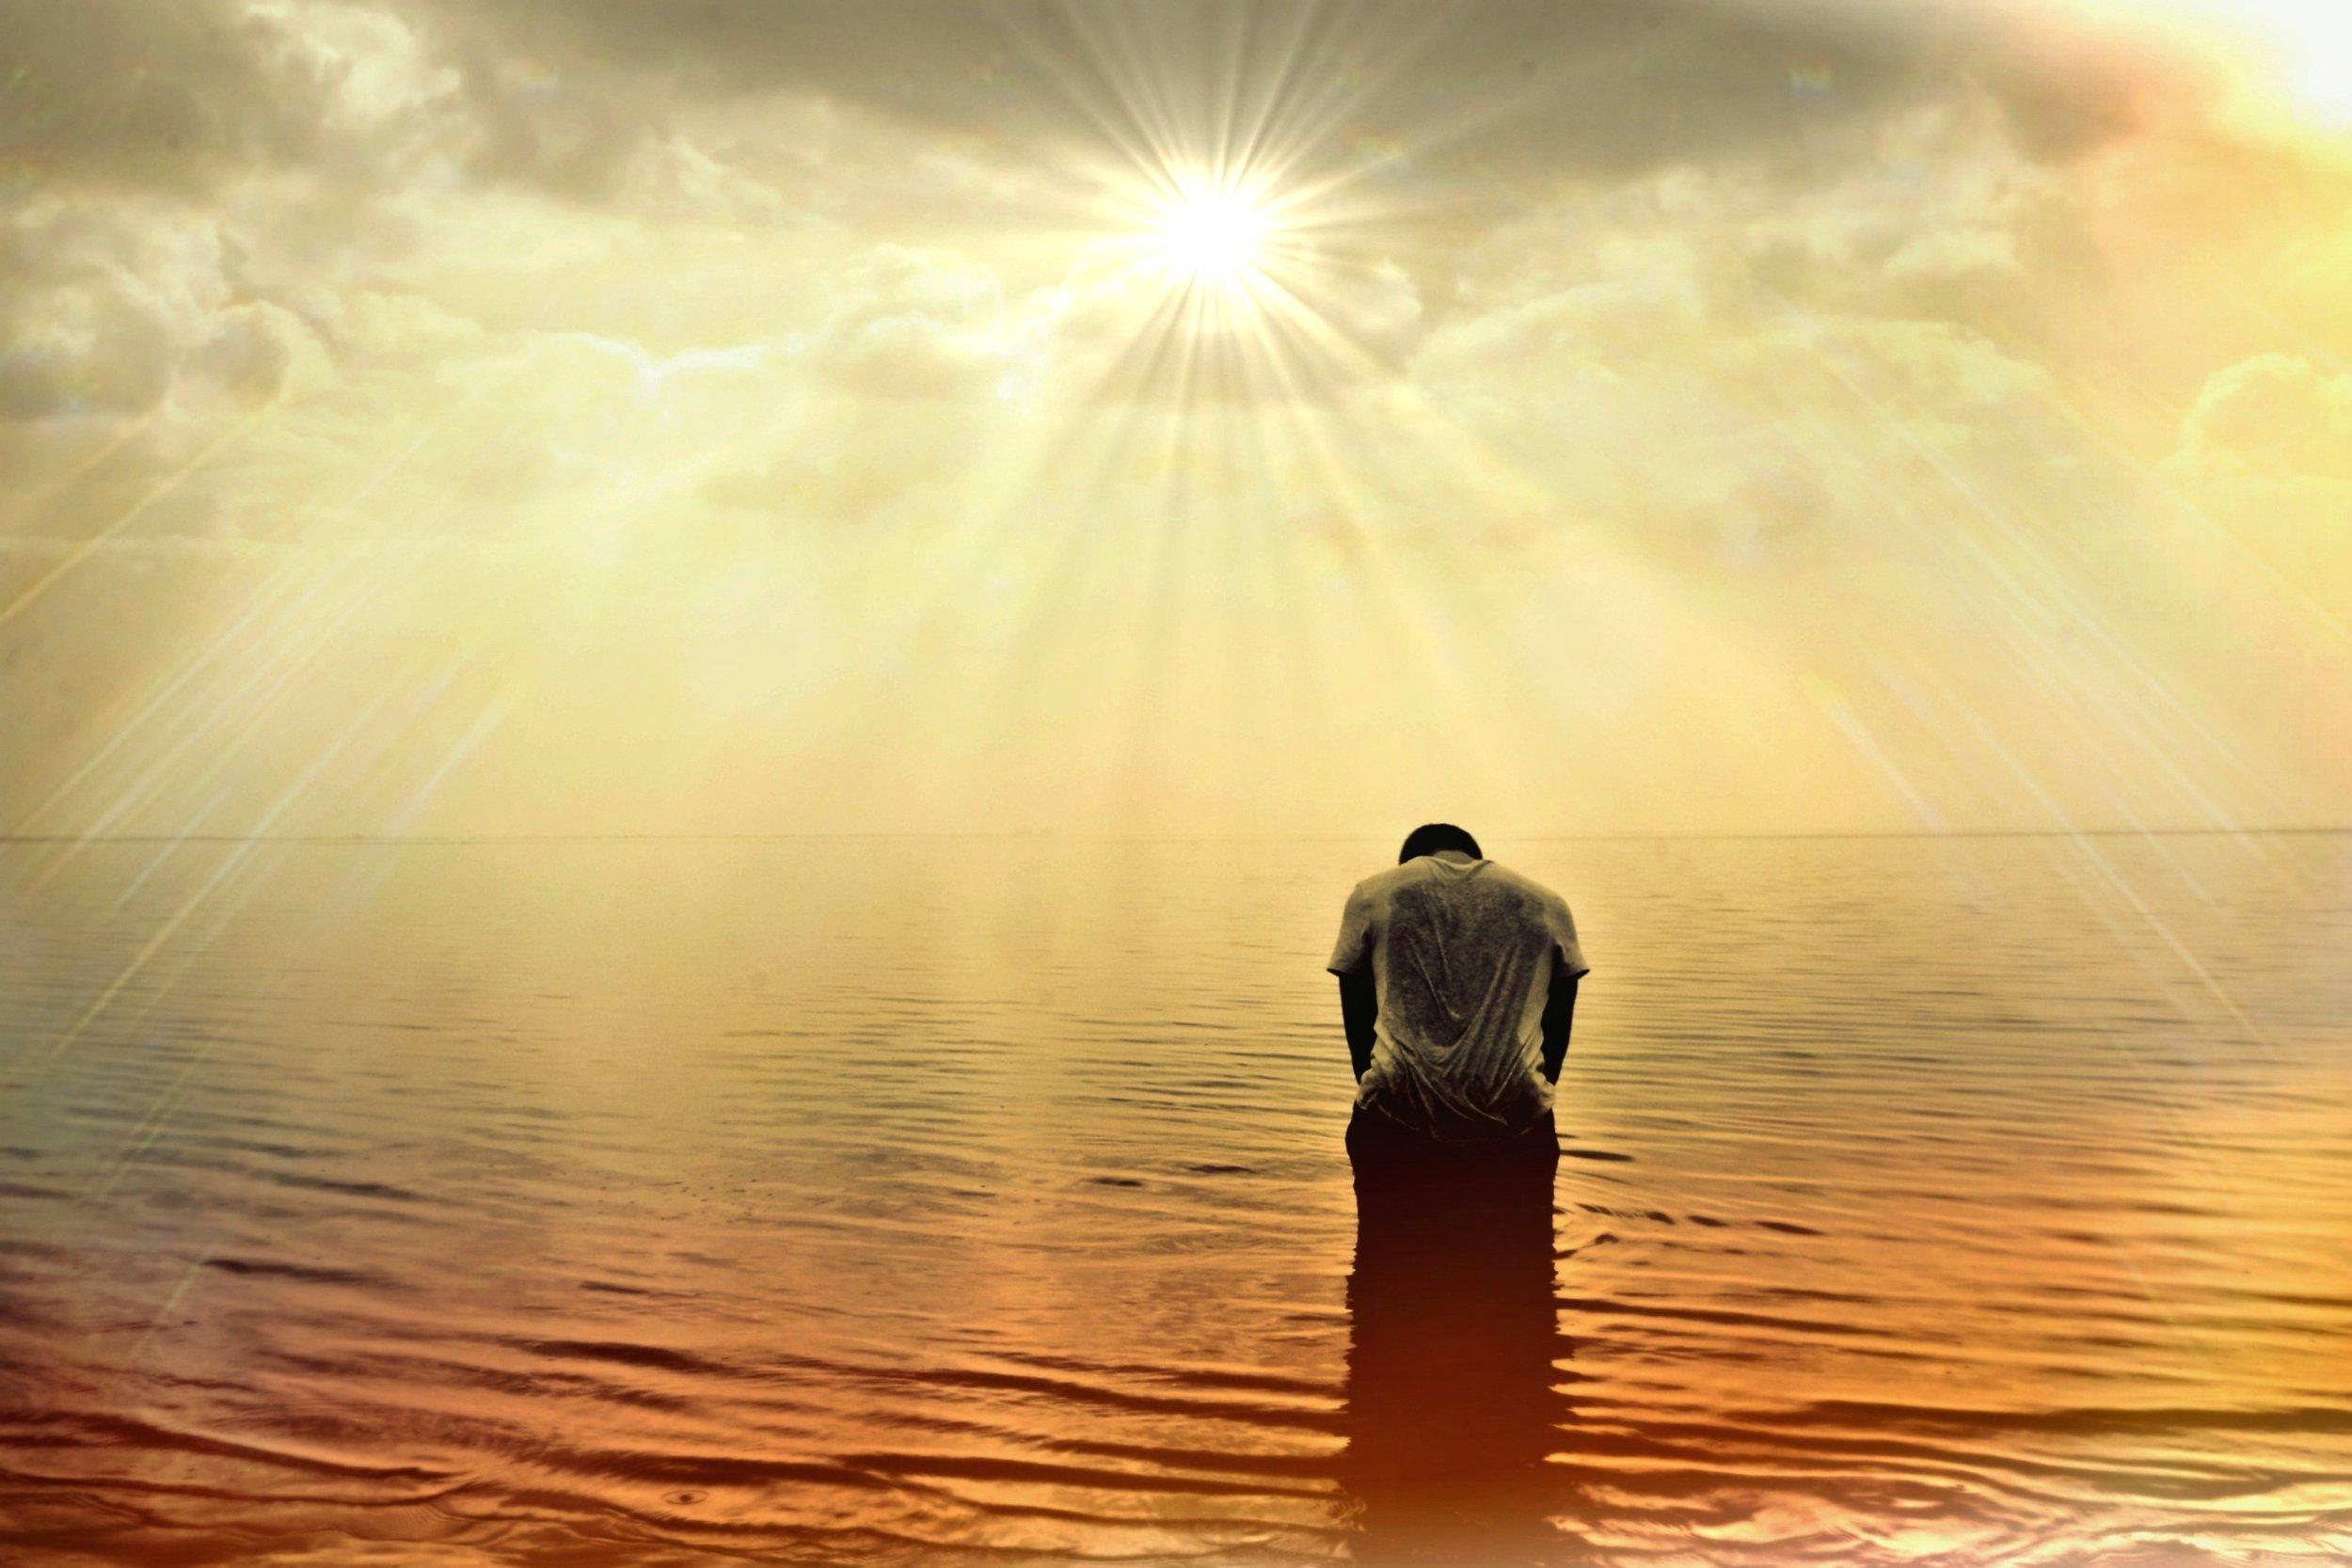 man-in-water-sun-beams.jpg